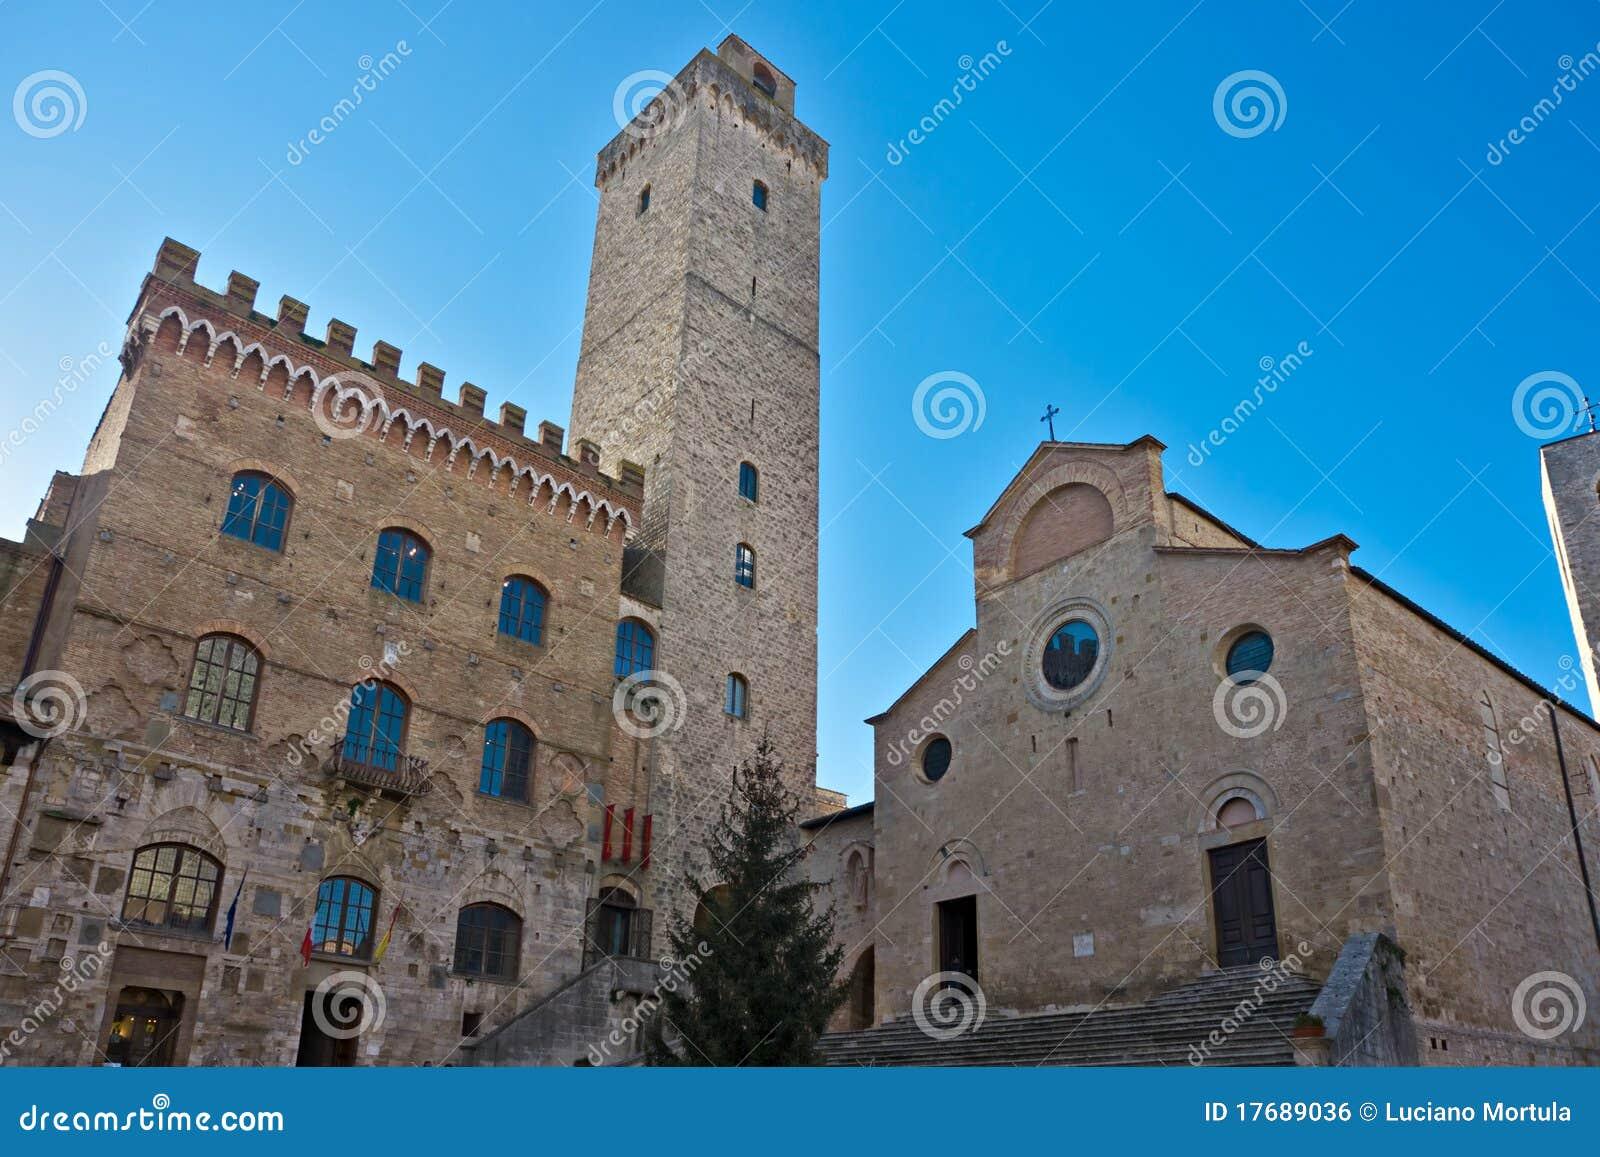 Widok San gimignano, Tuscany, Włochy.